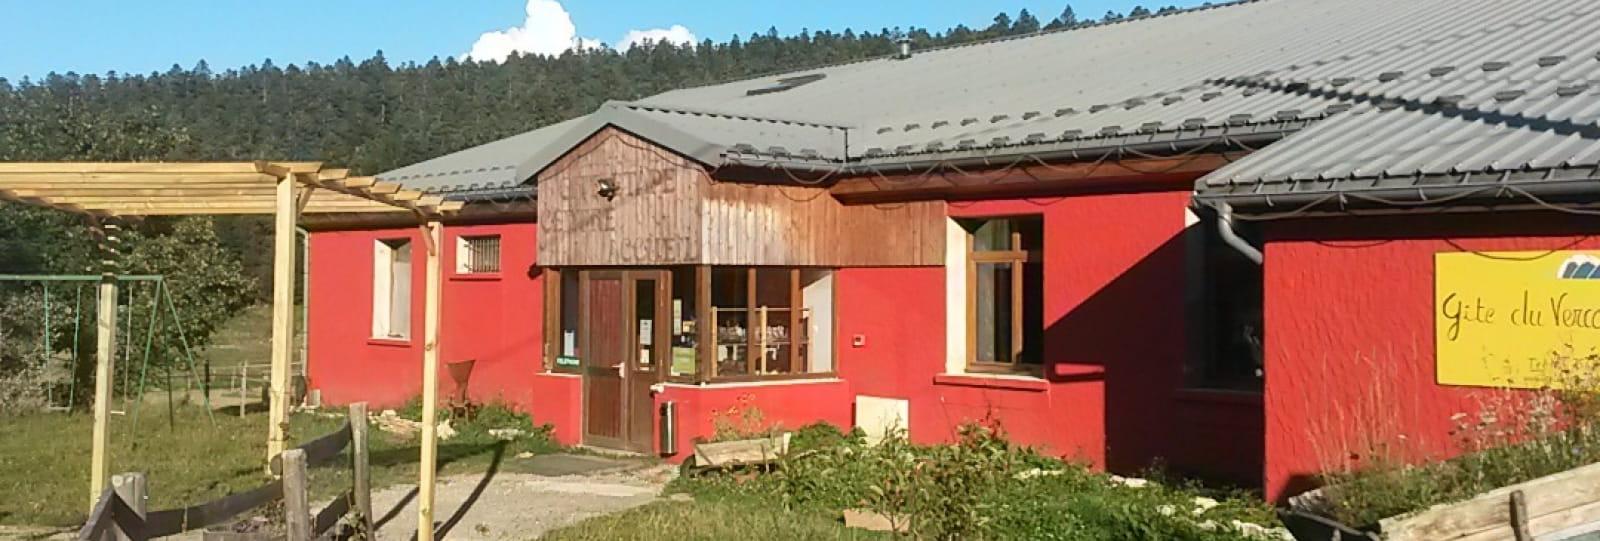 Gîte du Vercors - l'Annexe, gîte de groupe pour 26 personnes au cœur du Vercors